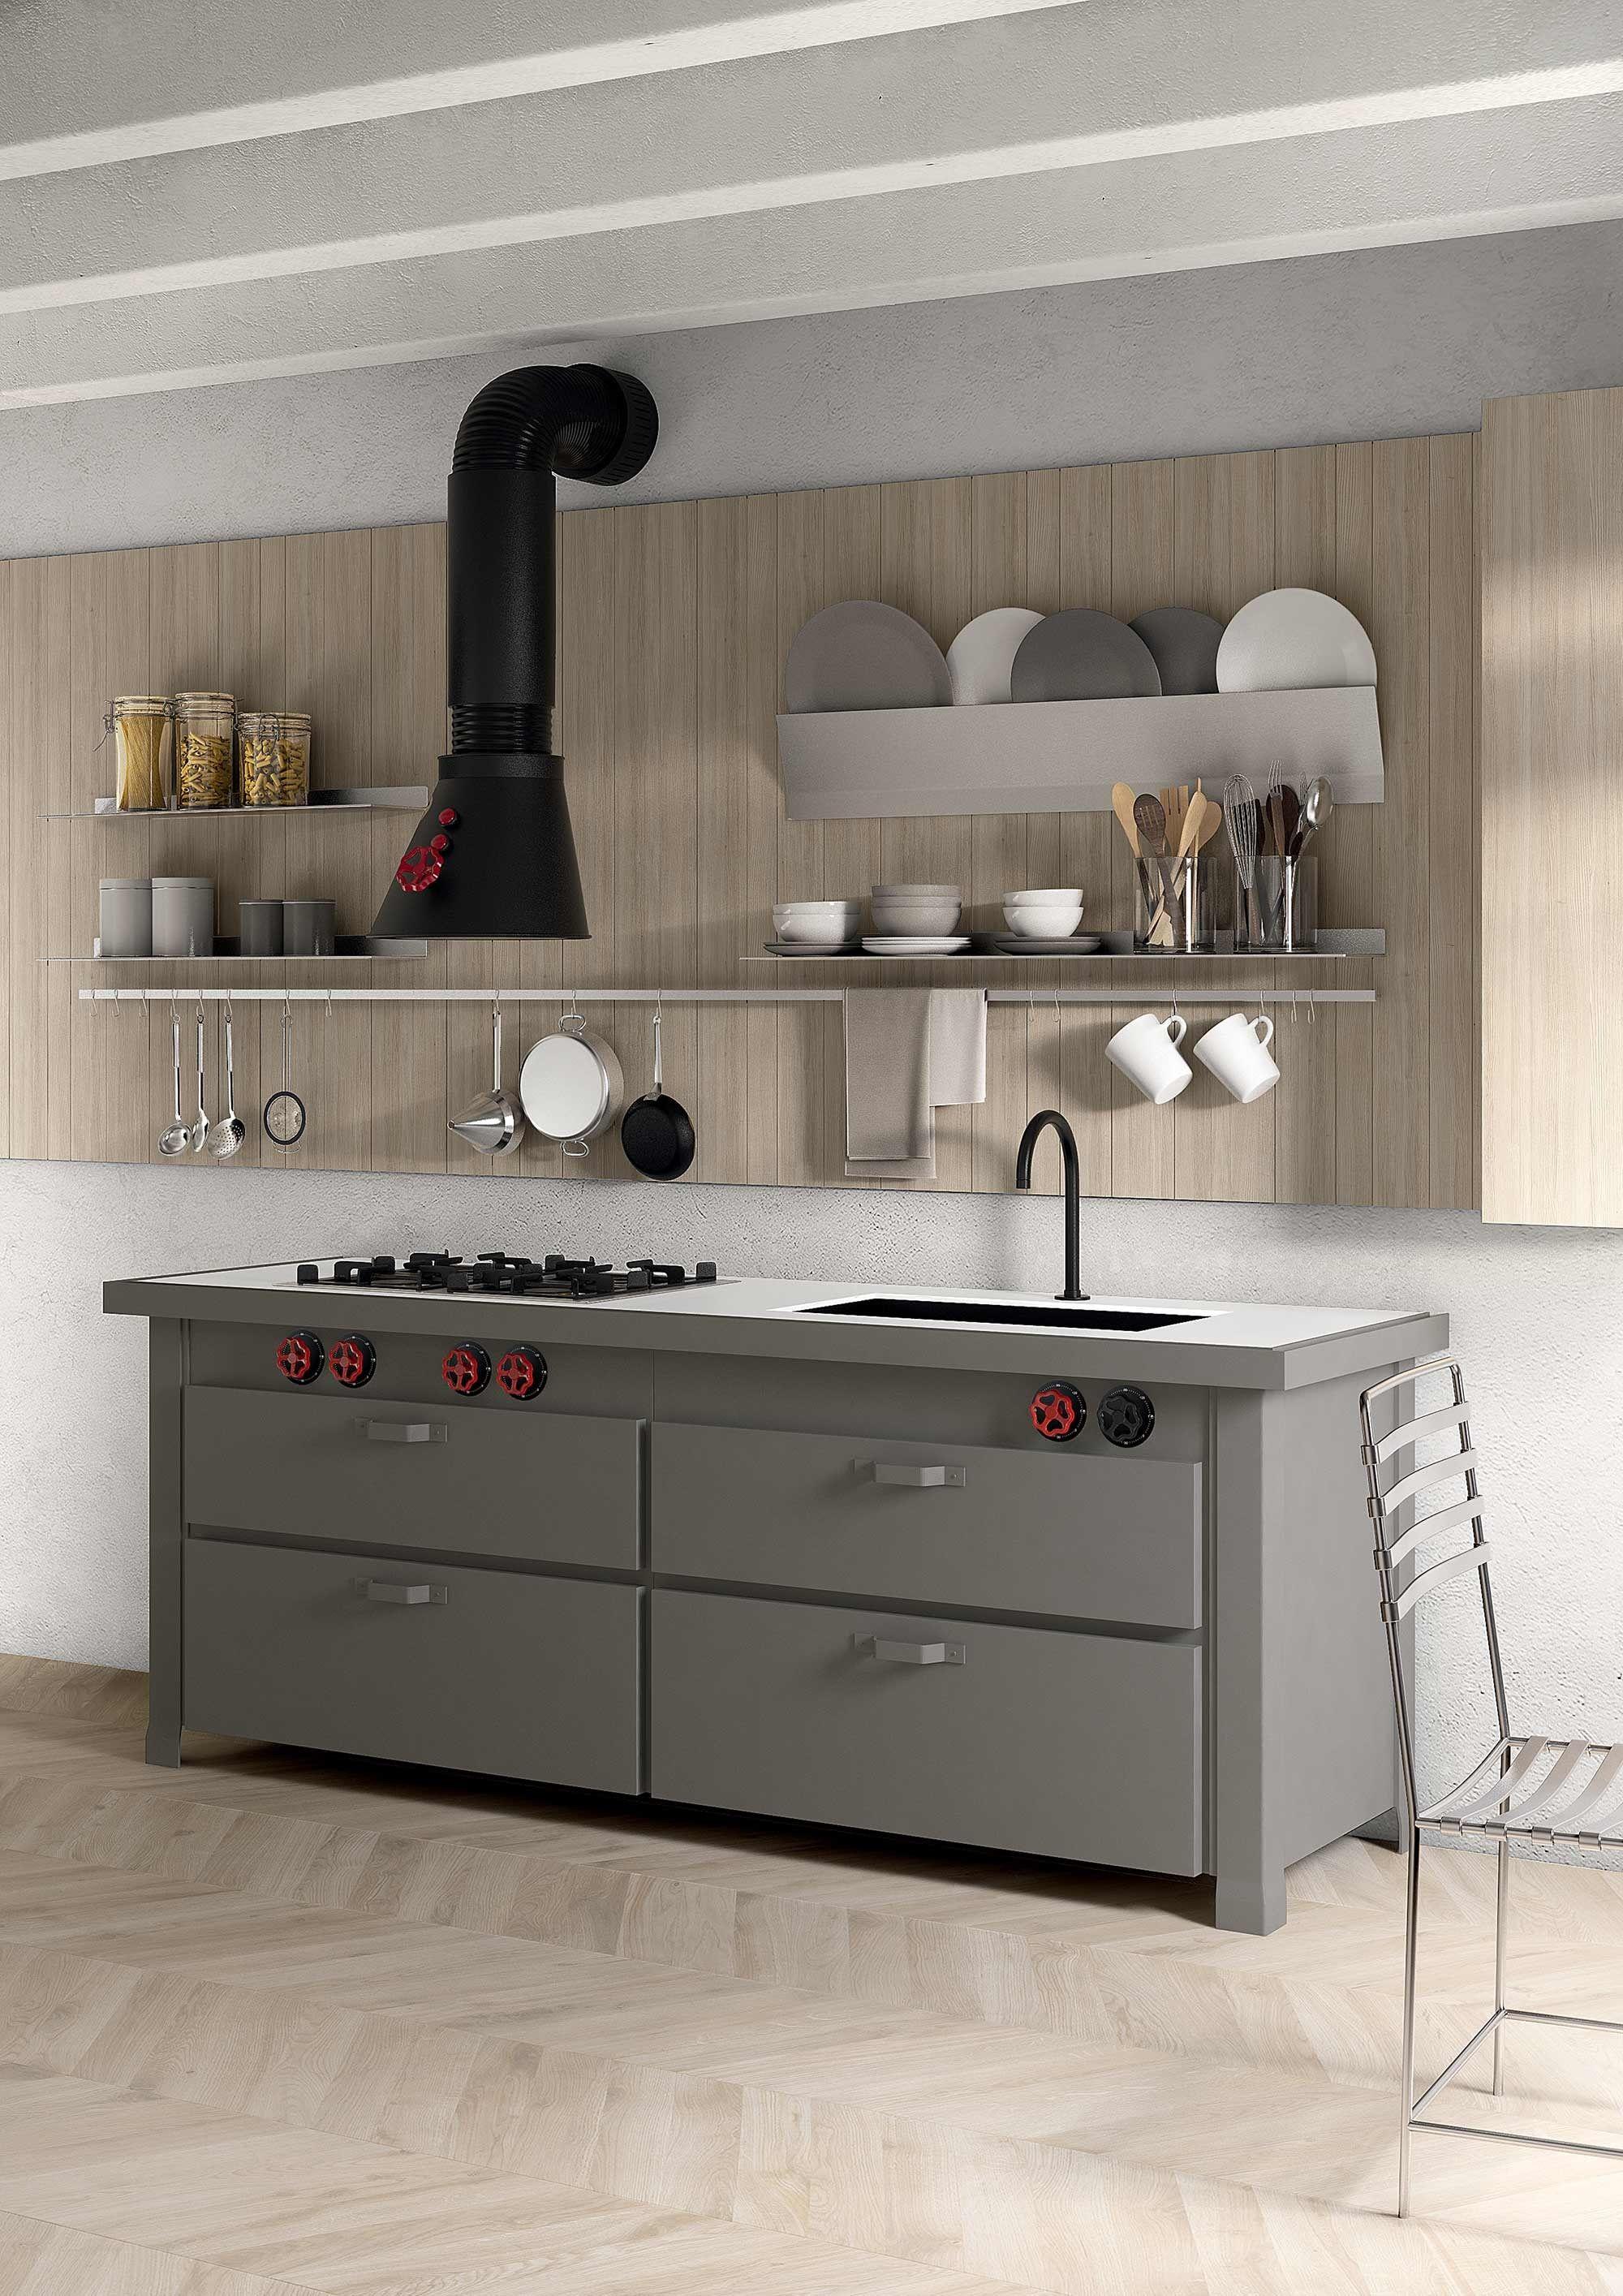 Cucina in metallo min professional a parete by minacciolo - Cucina a parete ...